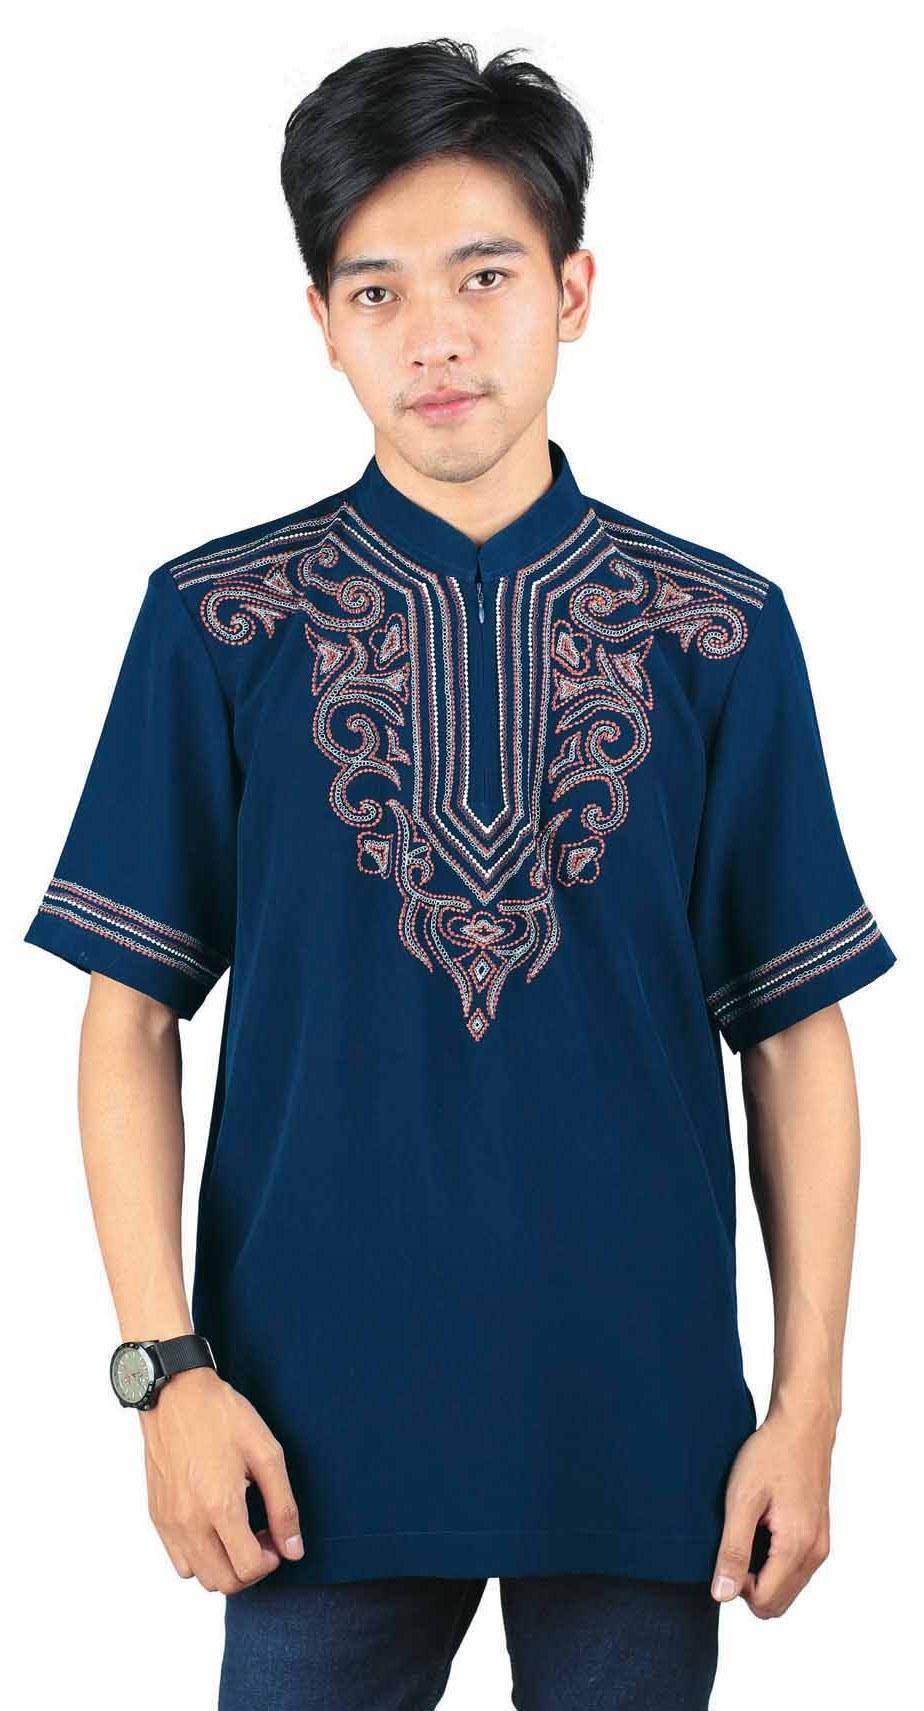 Ide Baju Lebaran 2018 Pria Kvdd Kumpulan Baju Muslim Pria Lengan Pendek Trend Terbaru 2018